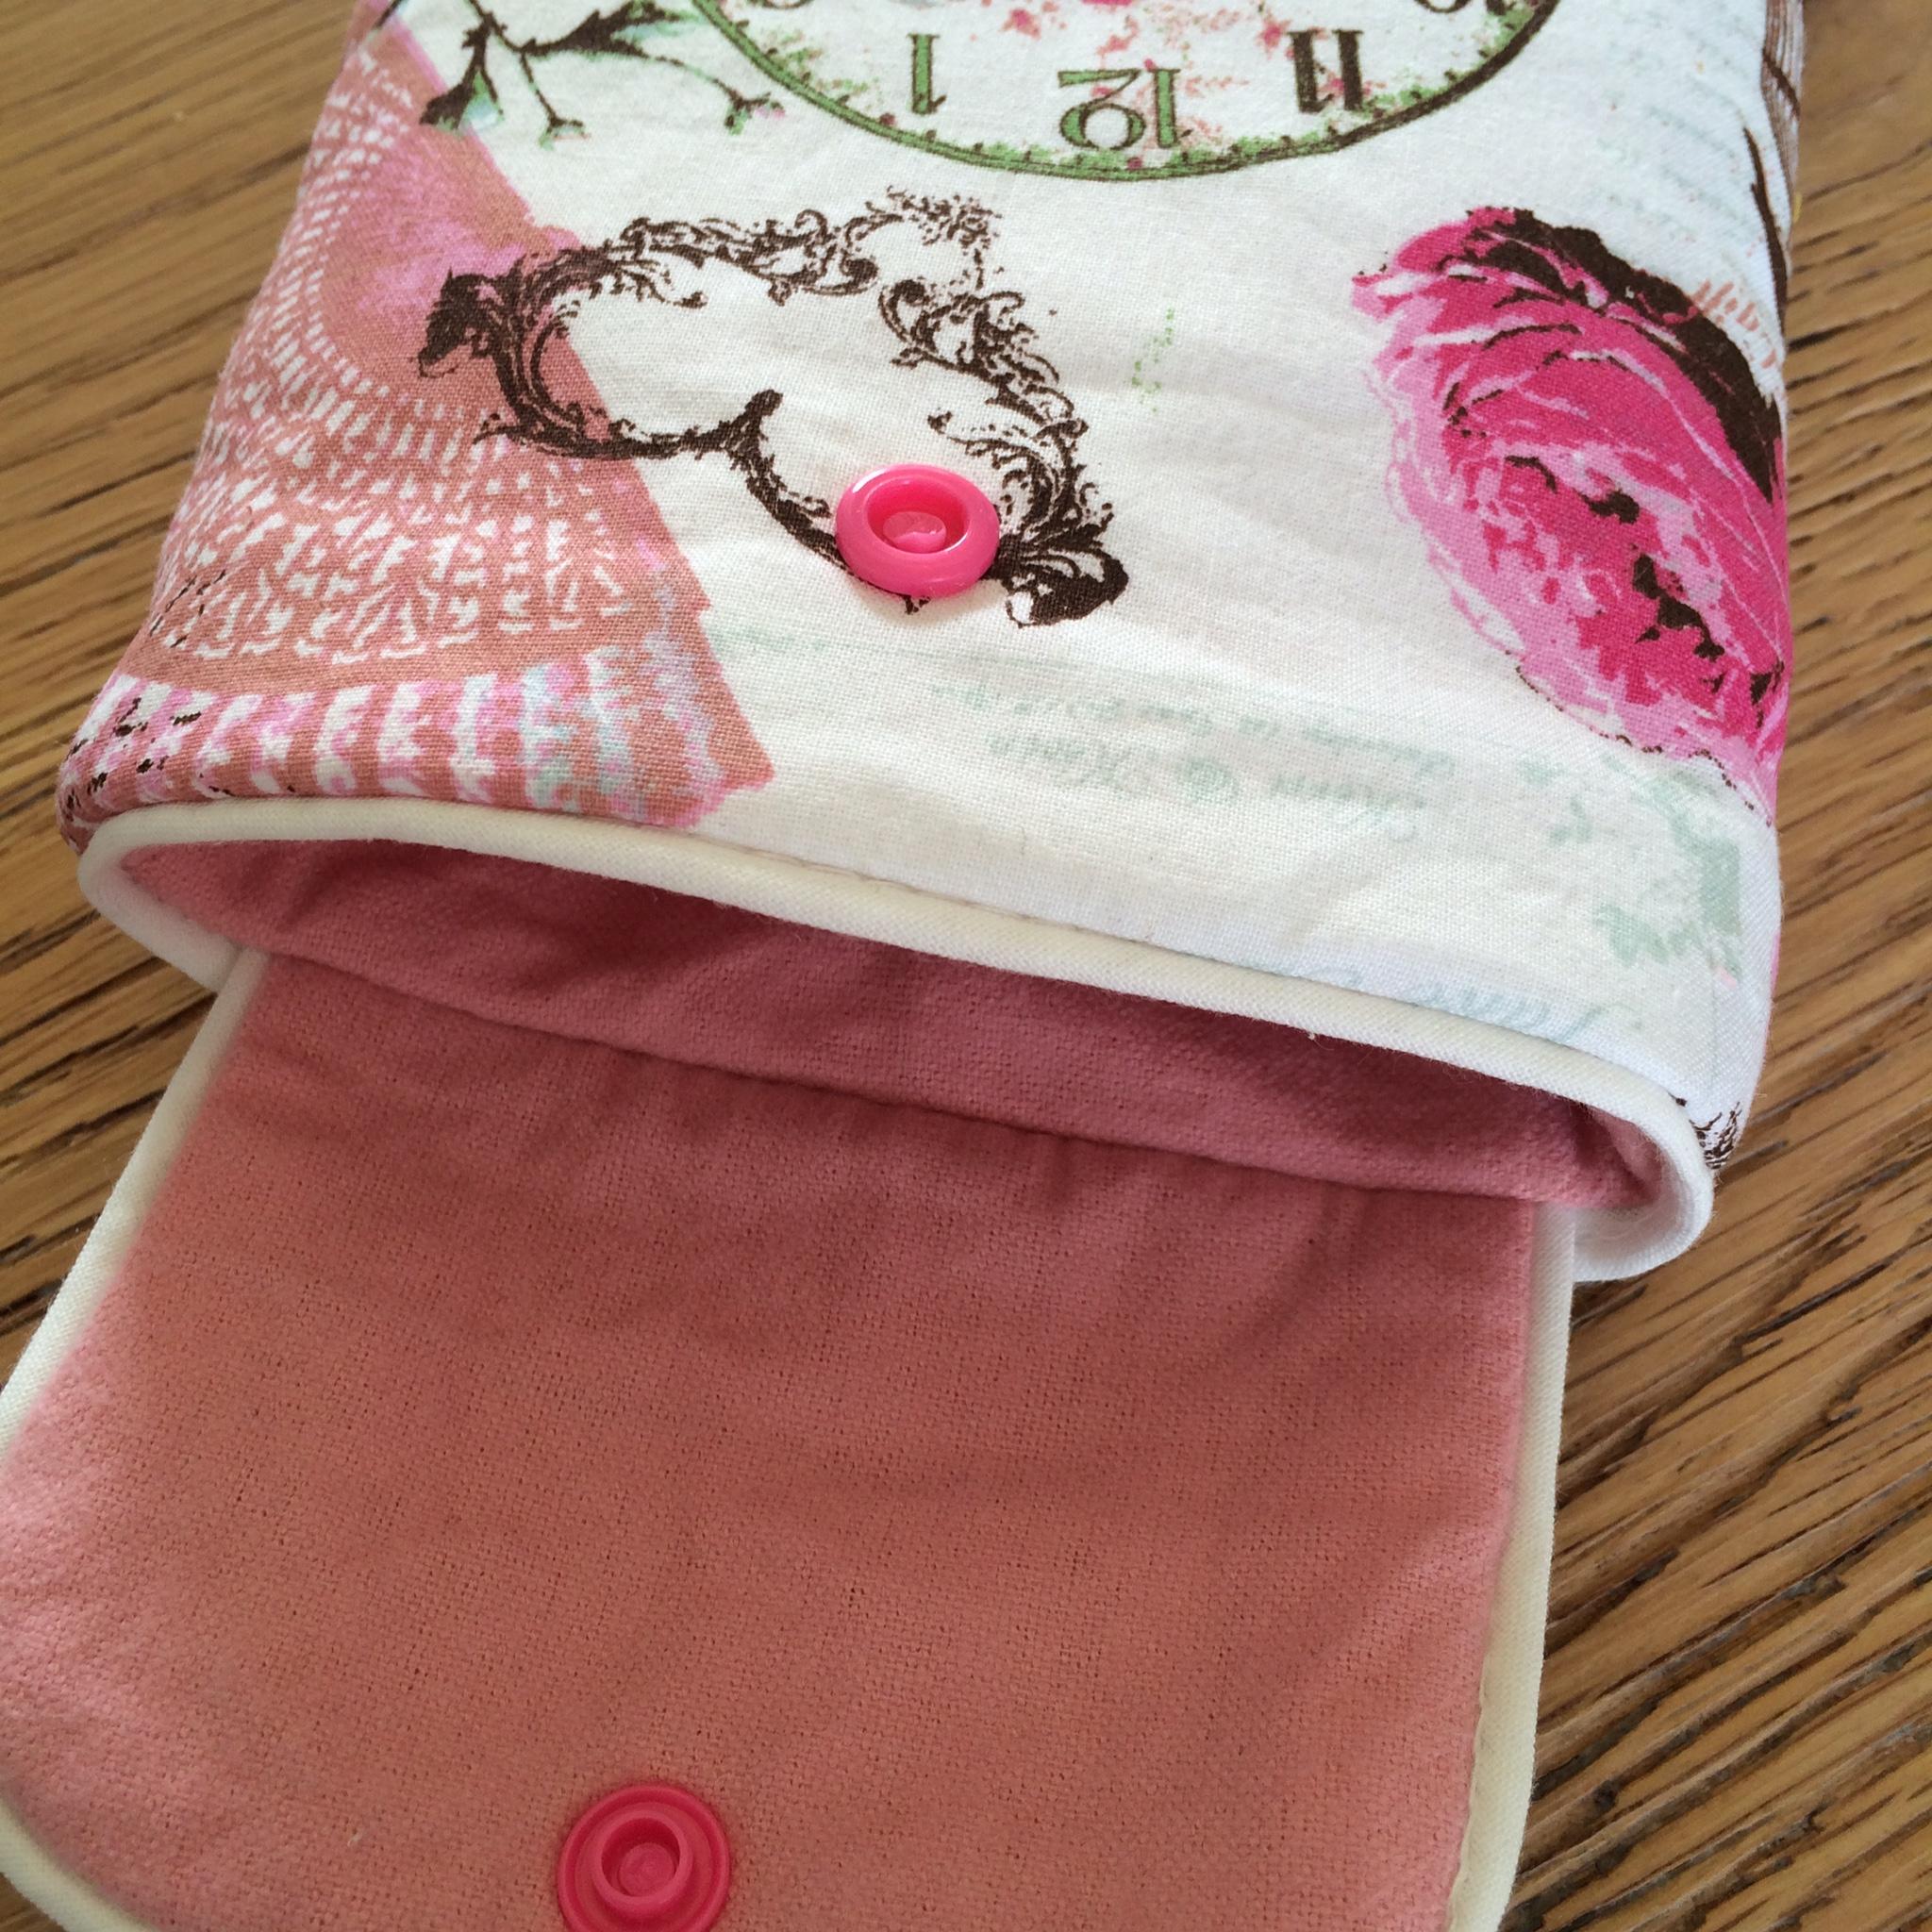 pochette pour tablette tactile disque dur externe mes petites lubies. Black Bedroom Furniture Sets. Home Design Ideas